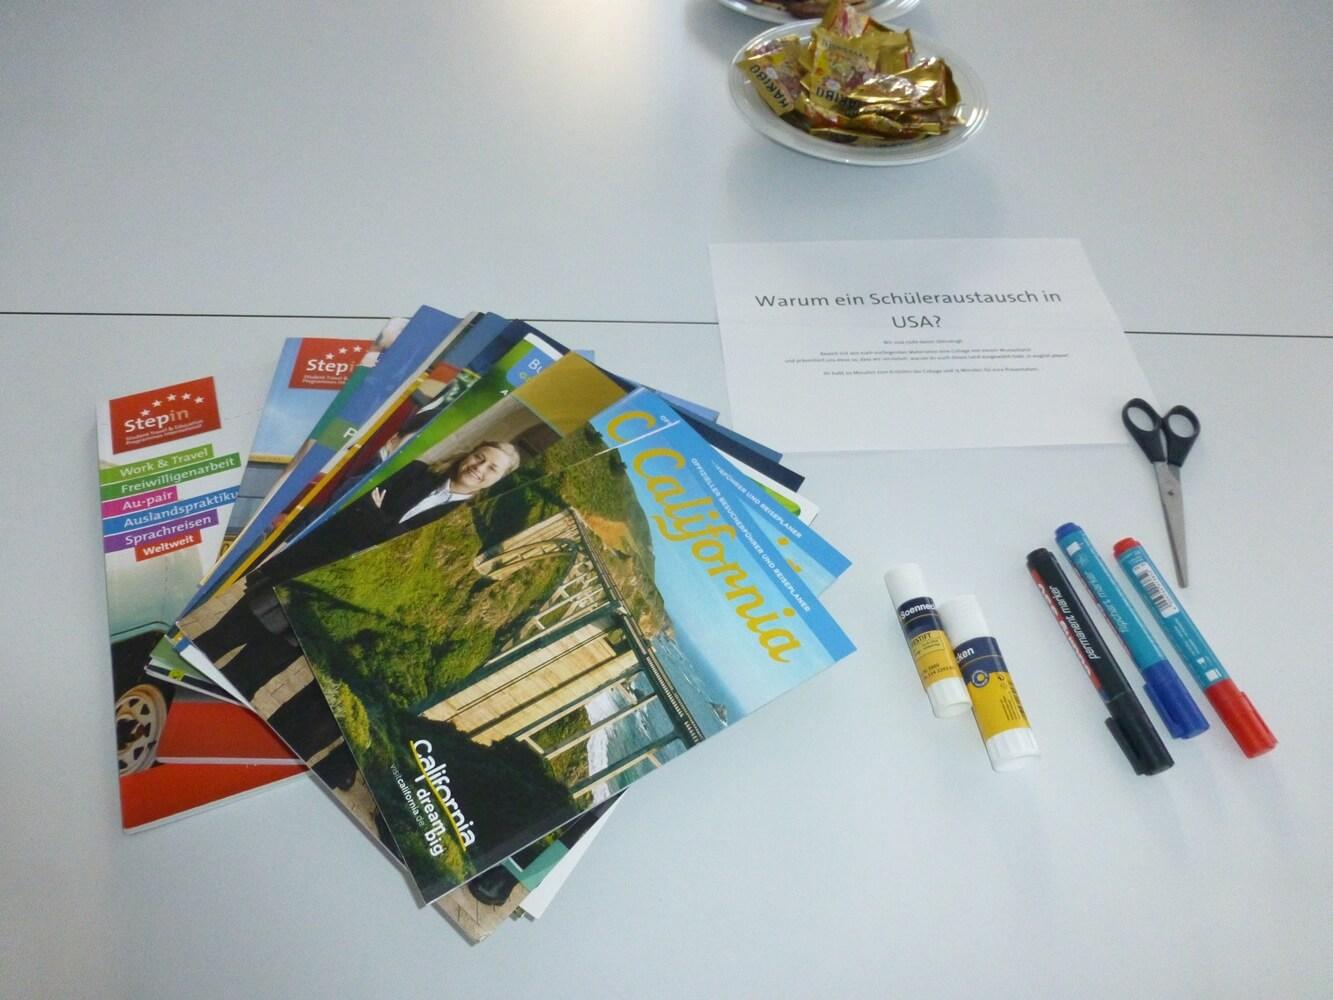 Broschüren und Stifte liegen für die Kreativarbeit bereit